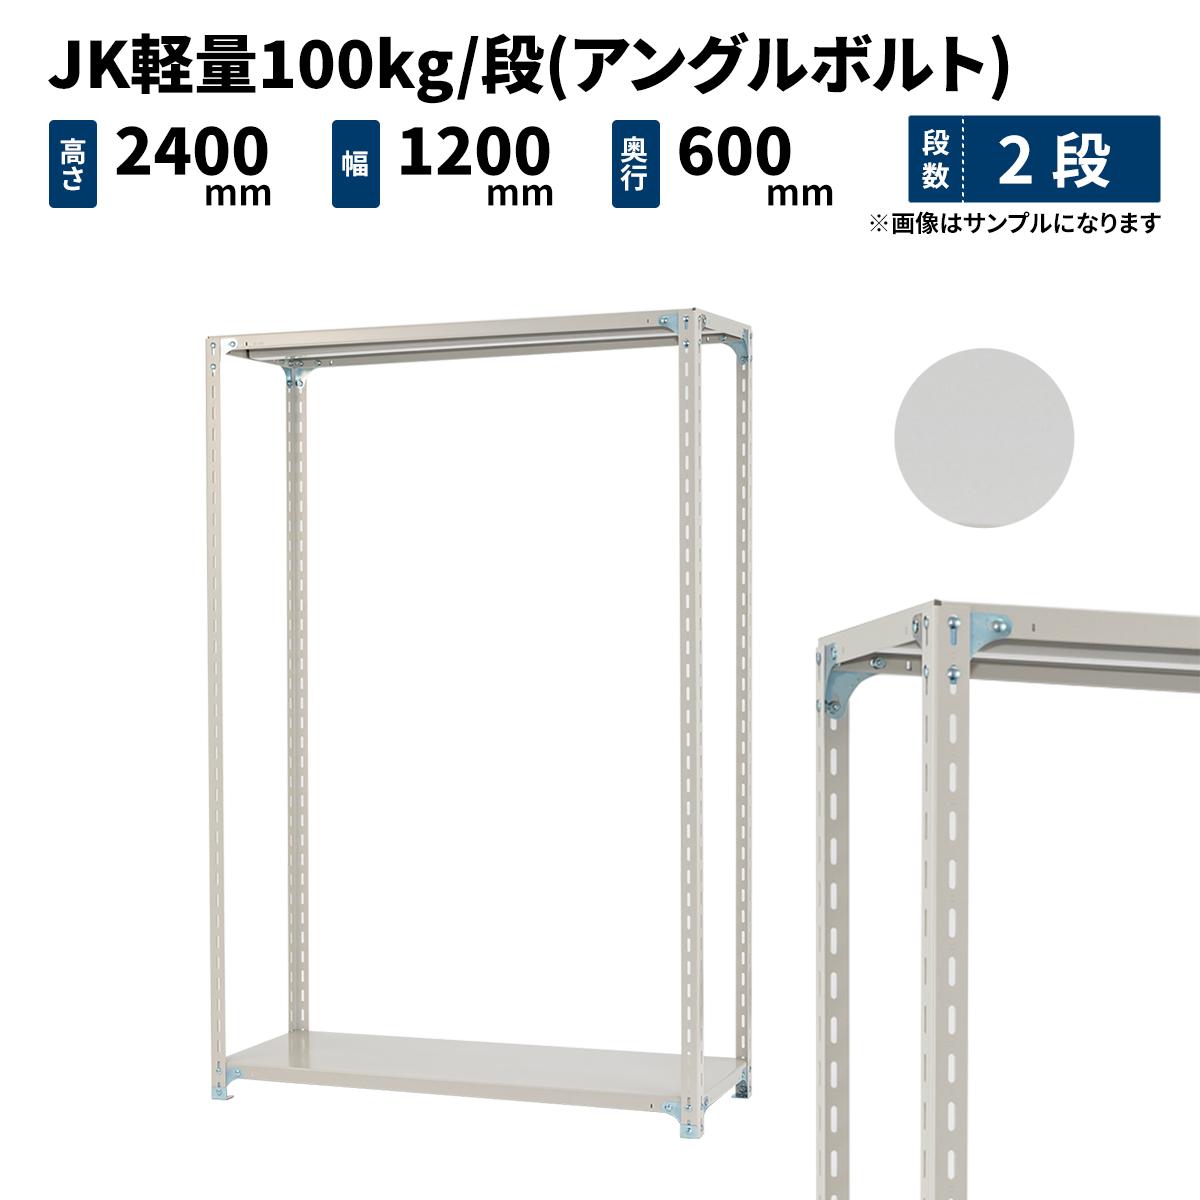 スチールラック 業務用 JK軽量100kg/段(アングルボルト) 高さ2400×幅1200×奥行600mm 2段 ホワイトグレー (28kg) JK100BT-241206-2